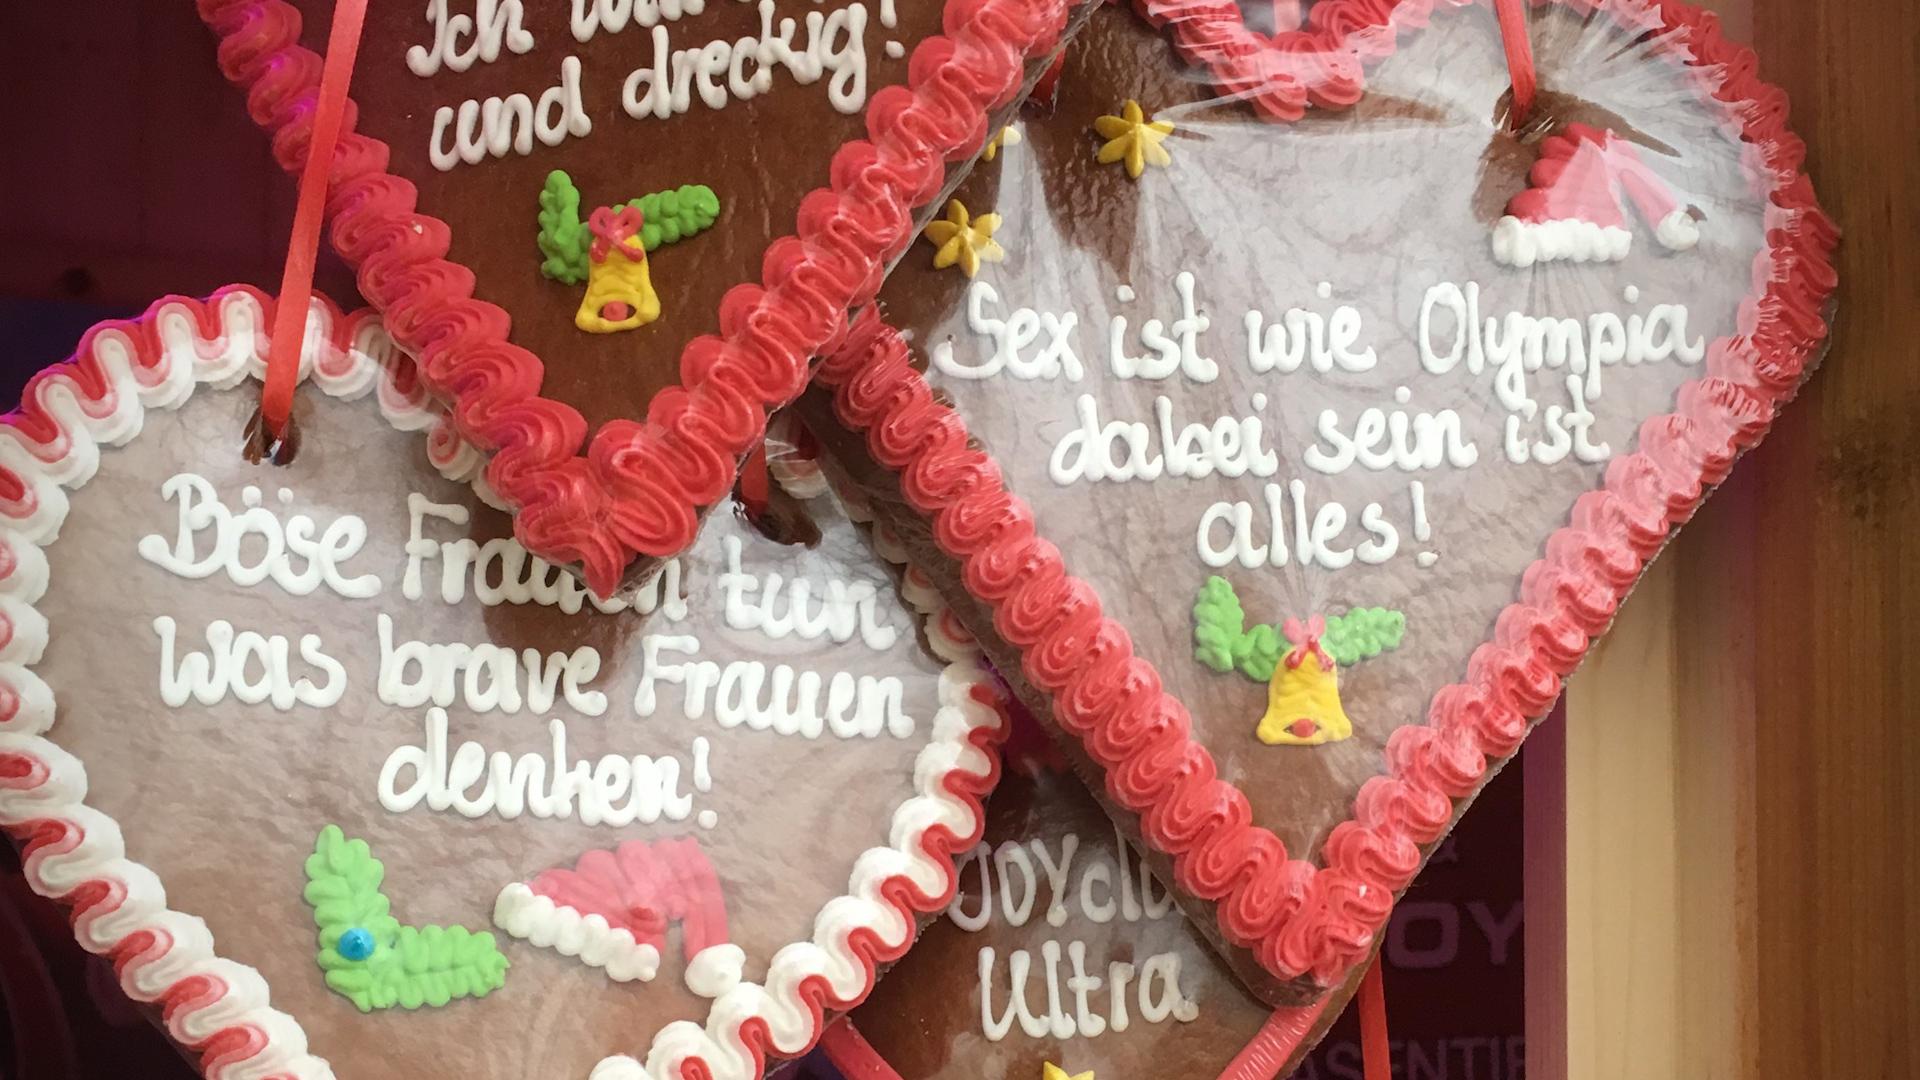 Weihnachtsmarkt Heute Nrw.Erotik Weihnachtsmarkt